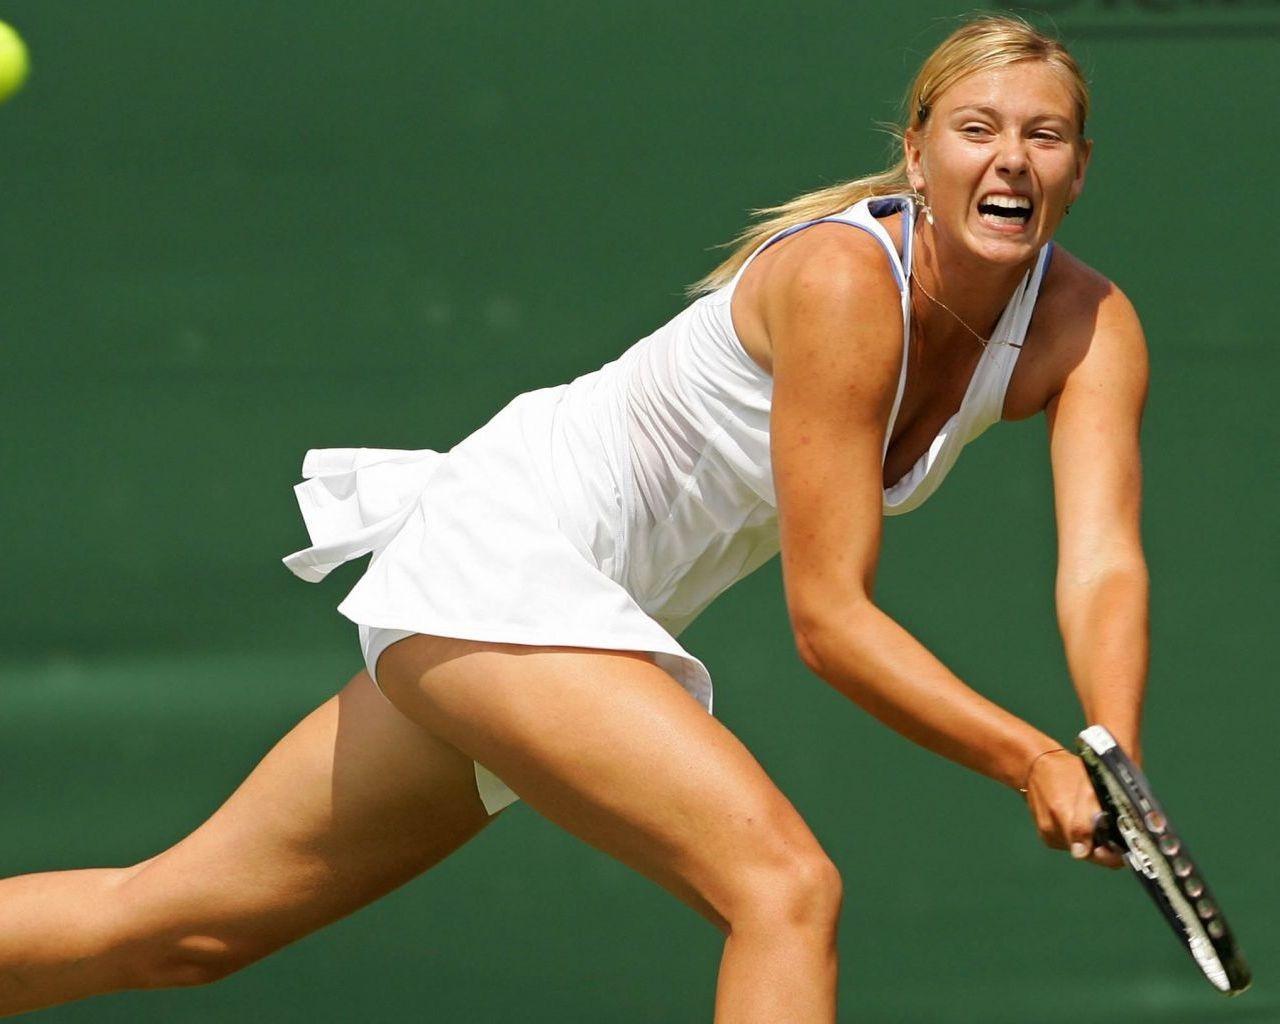 http://2.bp.blogspot.com/-i-TzD_VkkSg/USOhirx3qGI/AAAAAAAADgg/OBIQ3SdLf3Y/s1600/Maria+Sharapova+hot+picture+2013+15.jpg